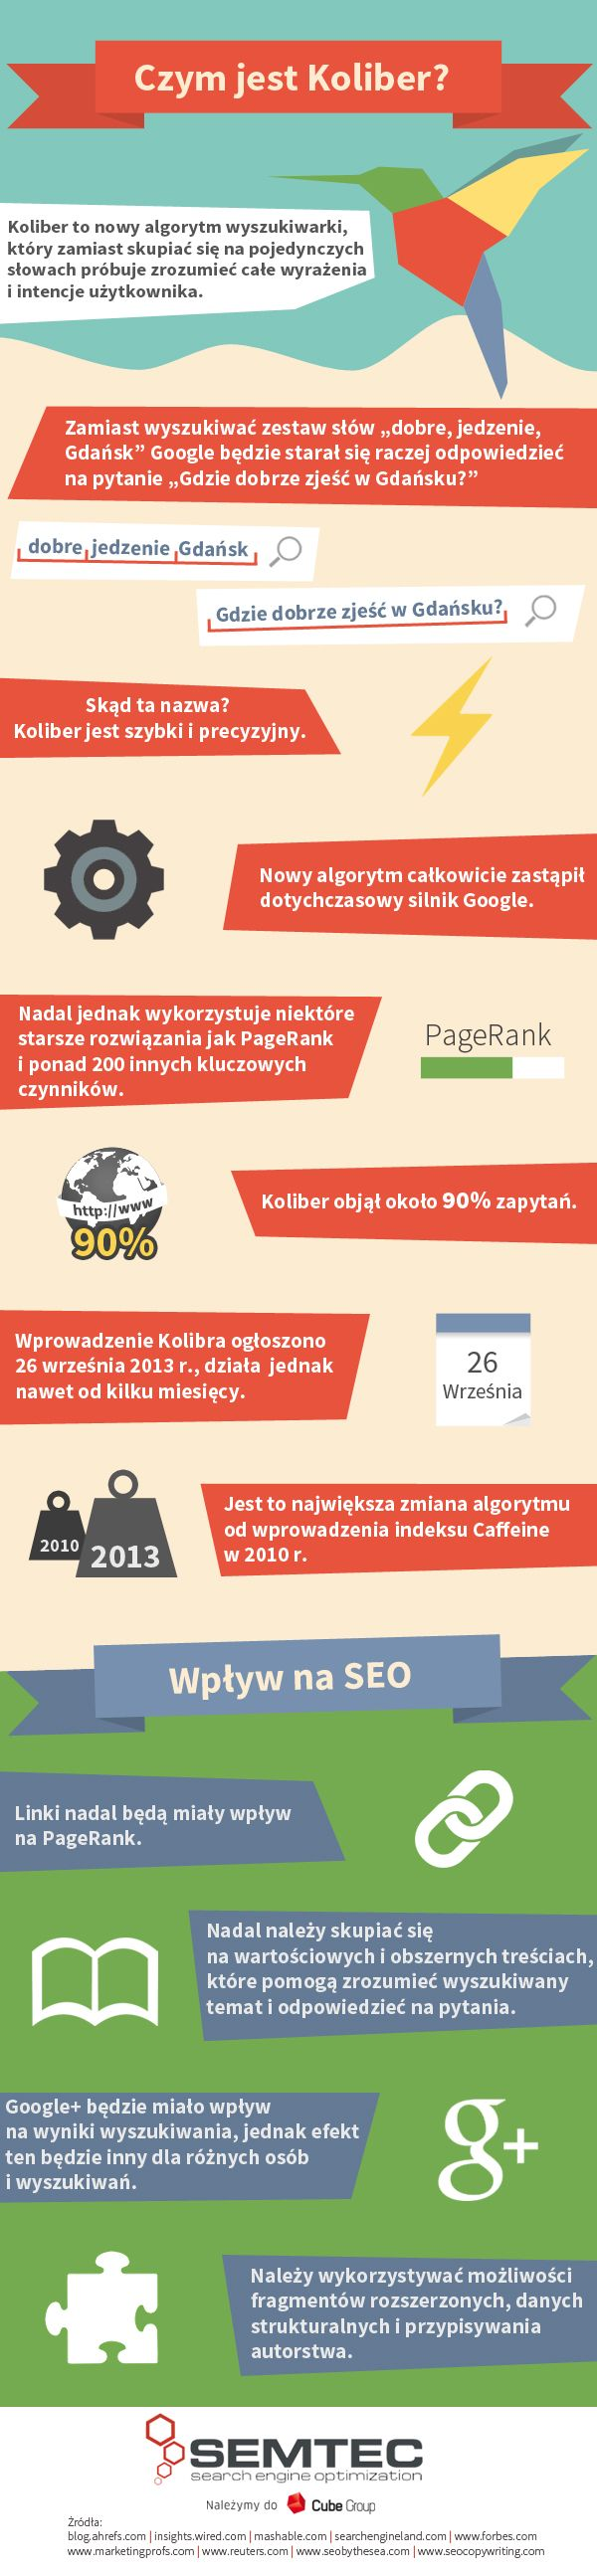 Infografika na temat Kolibra - największej od 2010 r. zmiany w algorytmie Google.